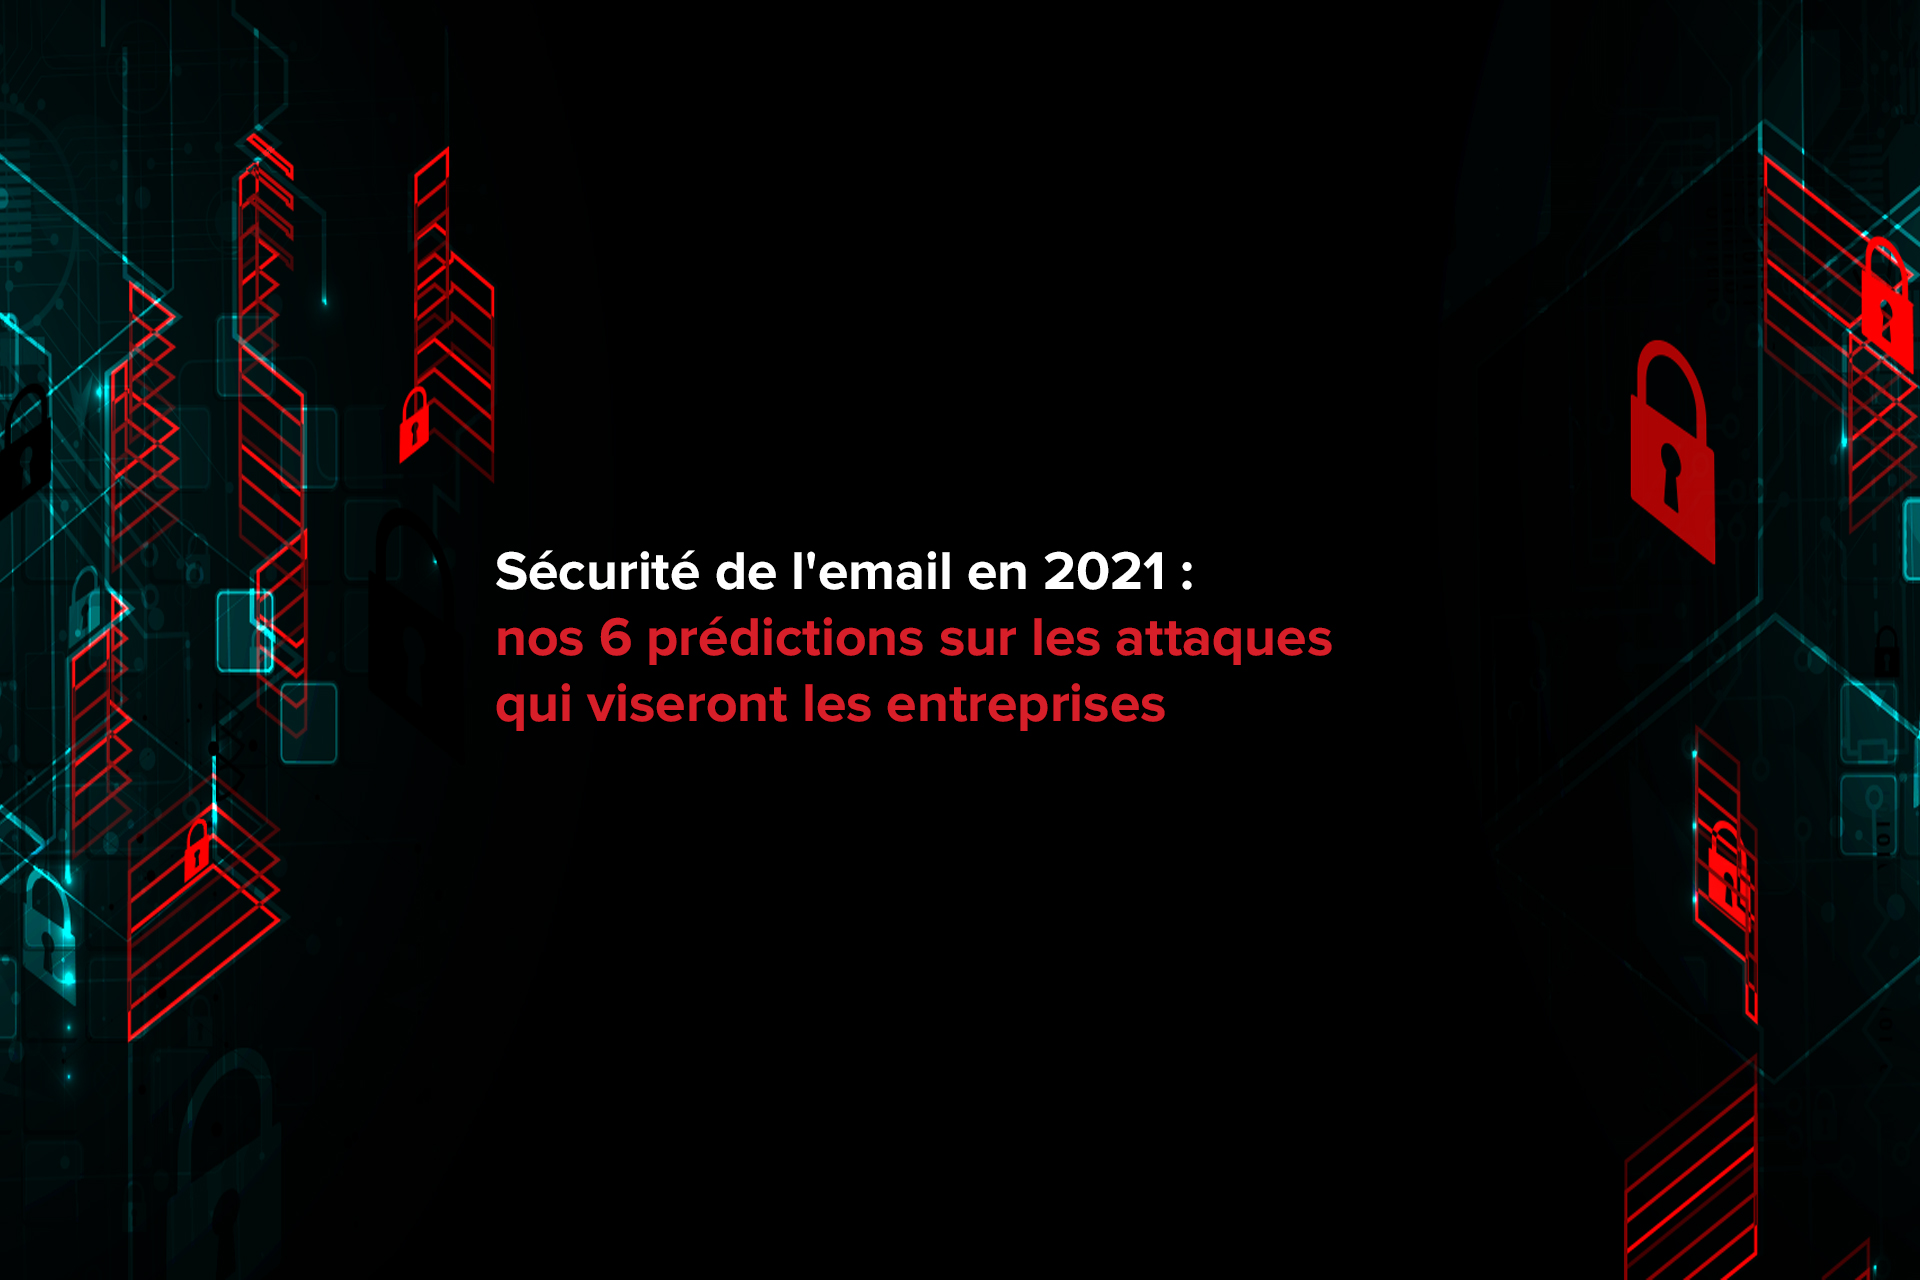 Sécurité de l'email en 2021 : nos 6 prédictions sur les attaques qui viseront les entreprises